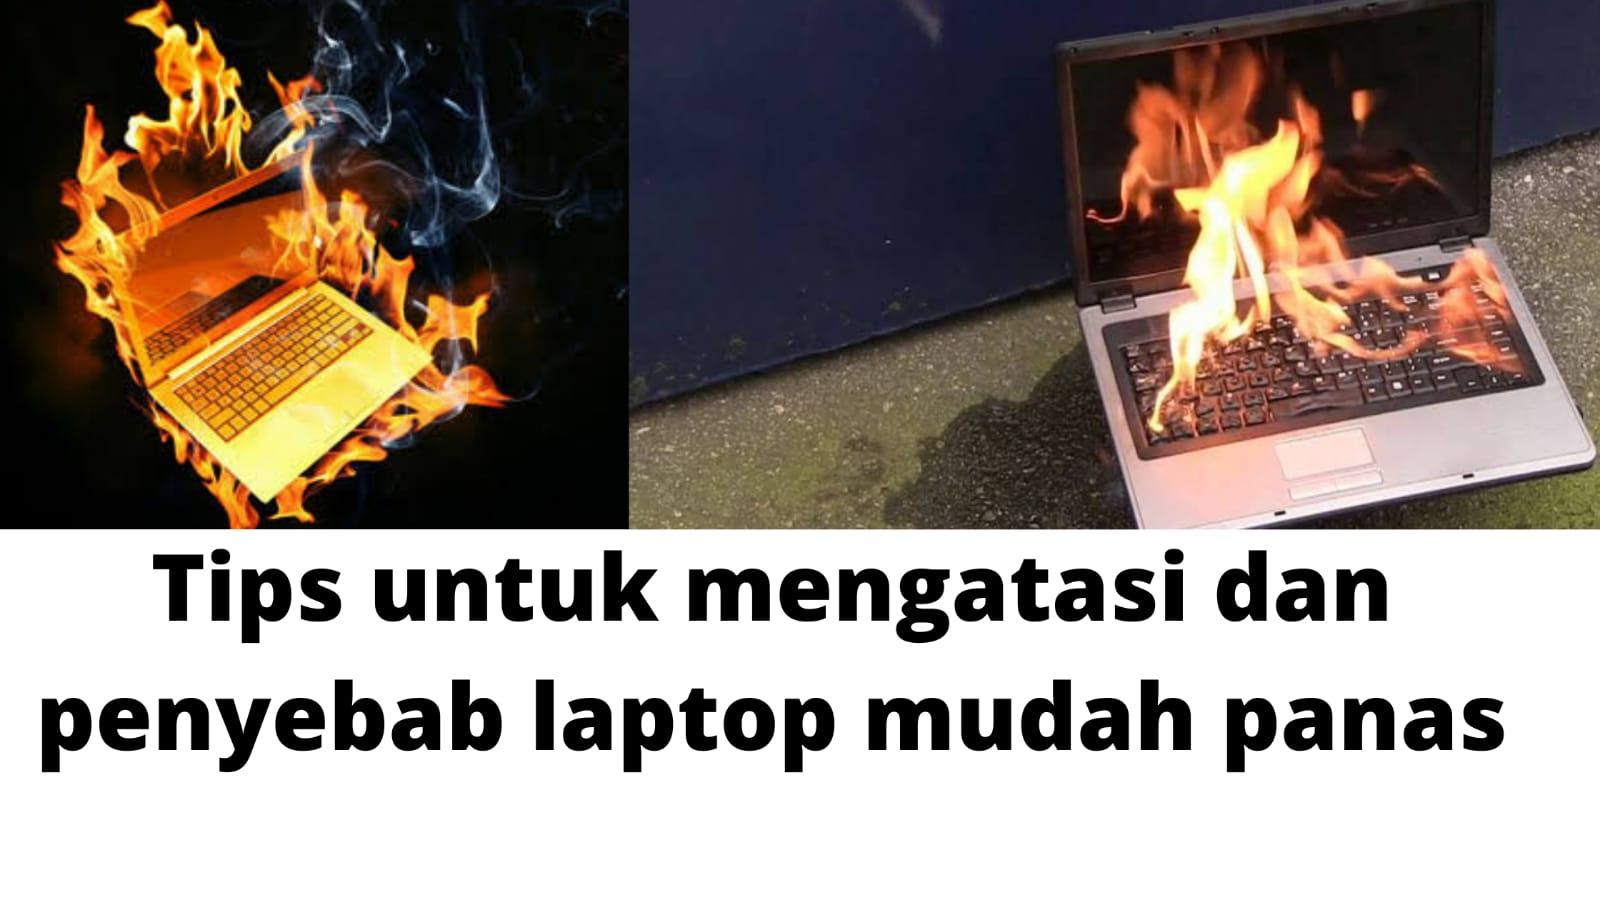 Beberapa Penyebab Laptop Cepat Panas Dan Cara Mengatasinya